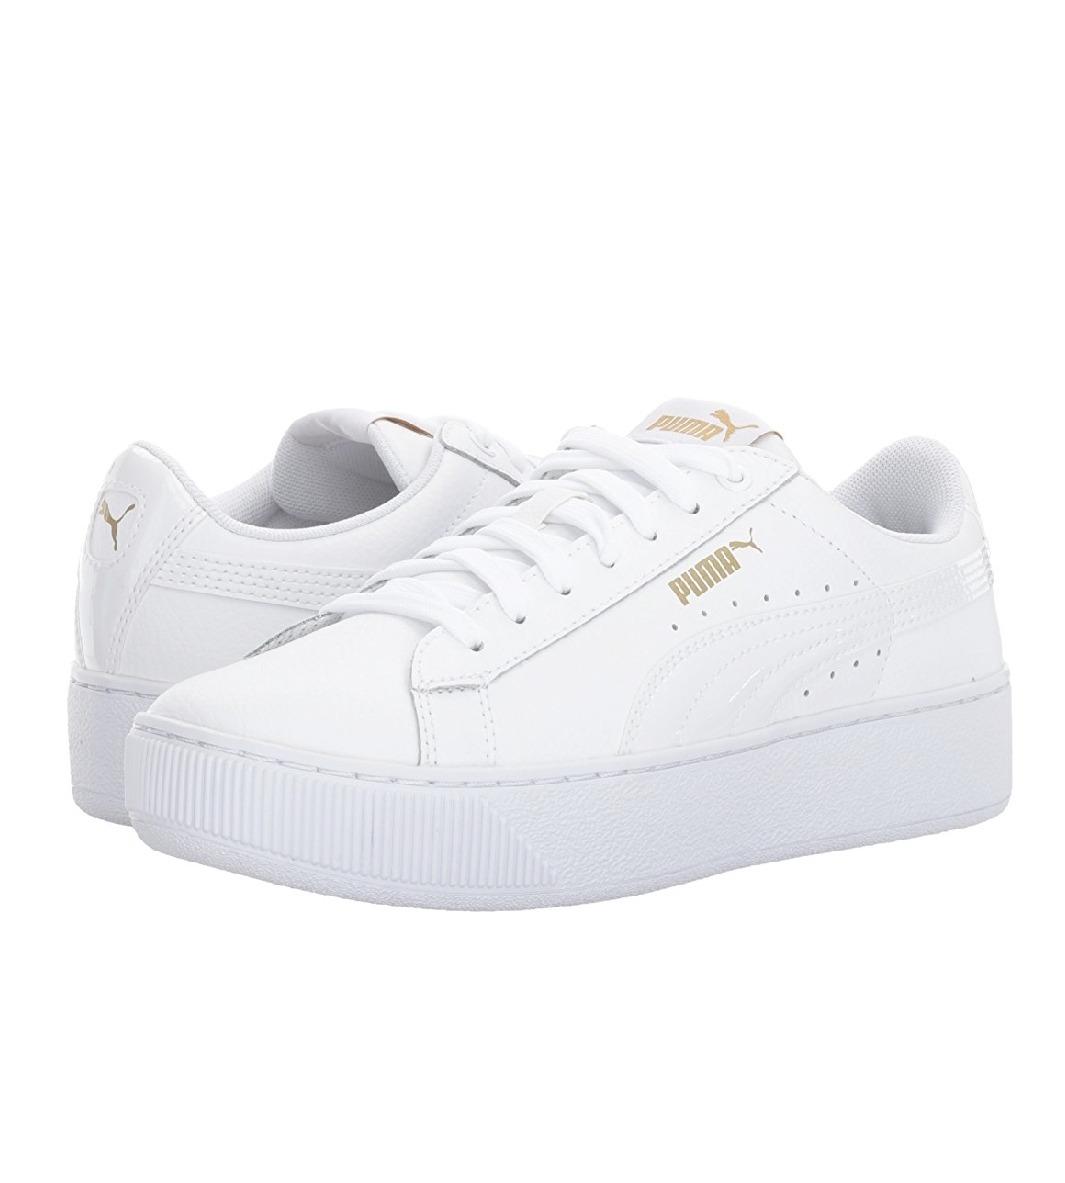 359dc91aeca8e zapatillas blancas mujer marca puma. Cargando zoom.